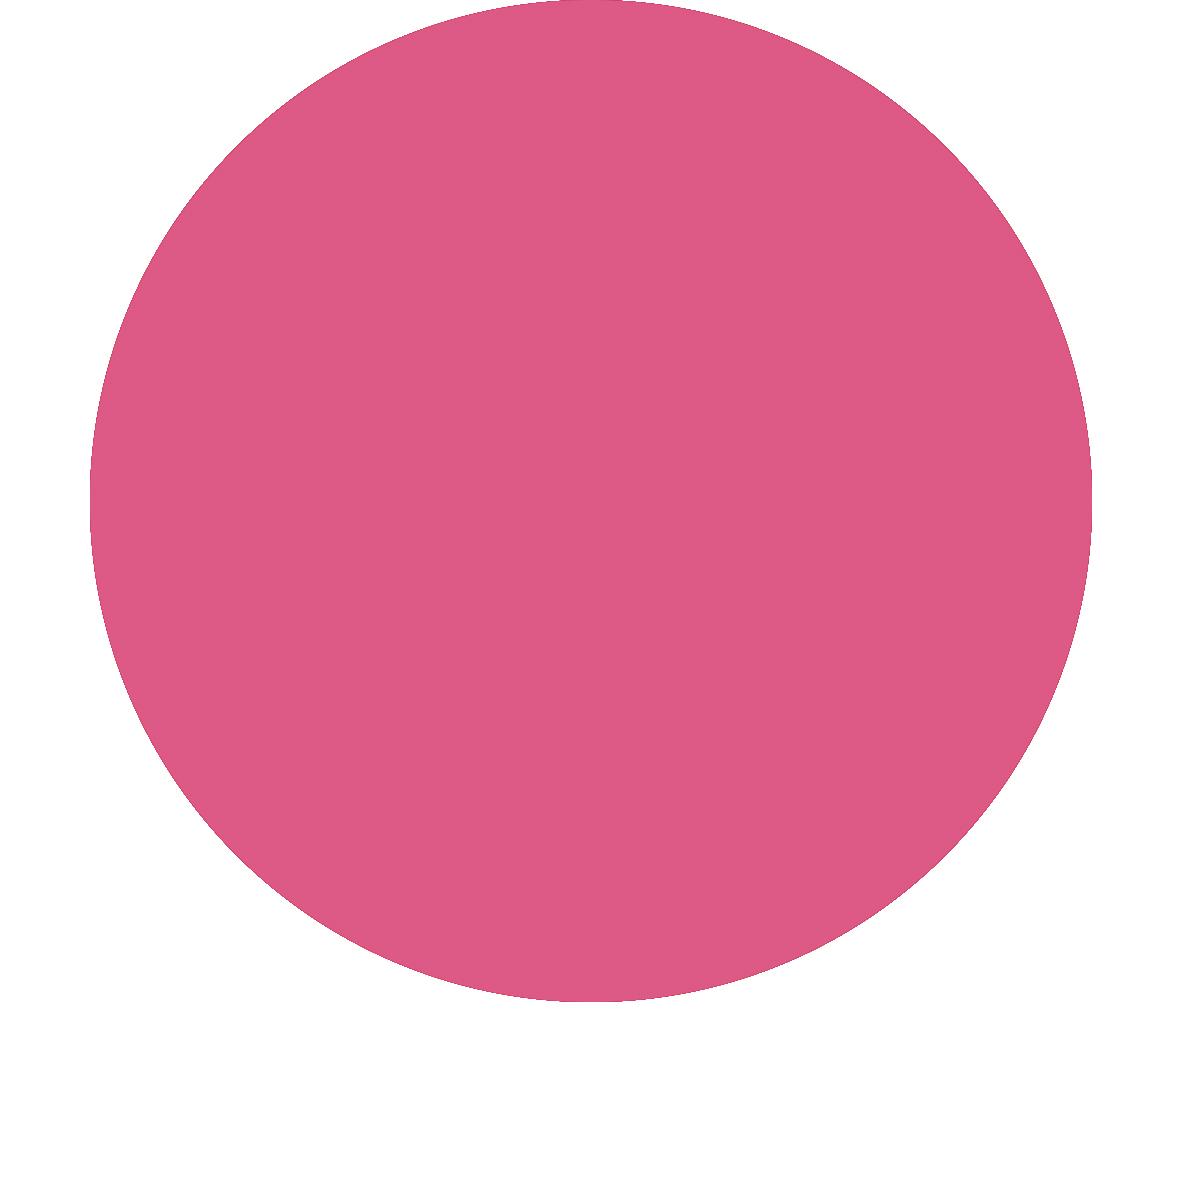 C.I. Violet 19 (Y)(Pink 3B) -